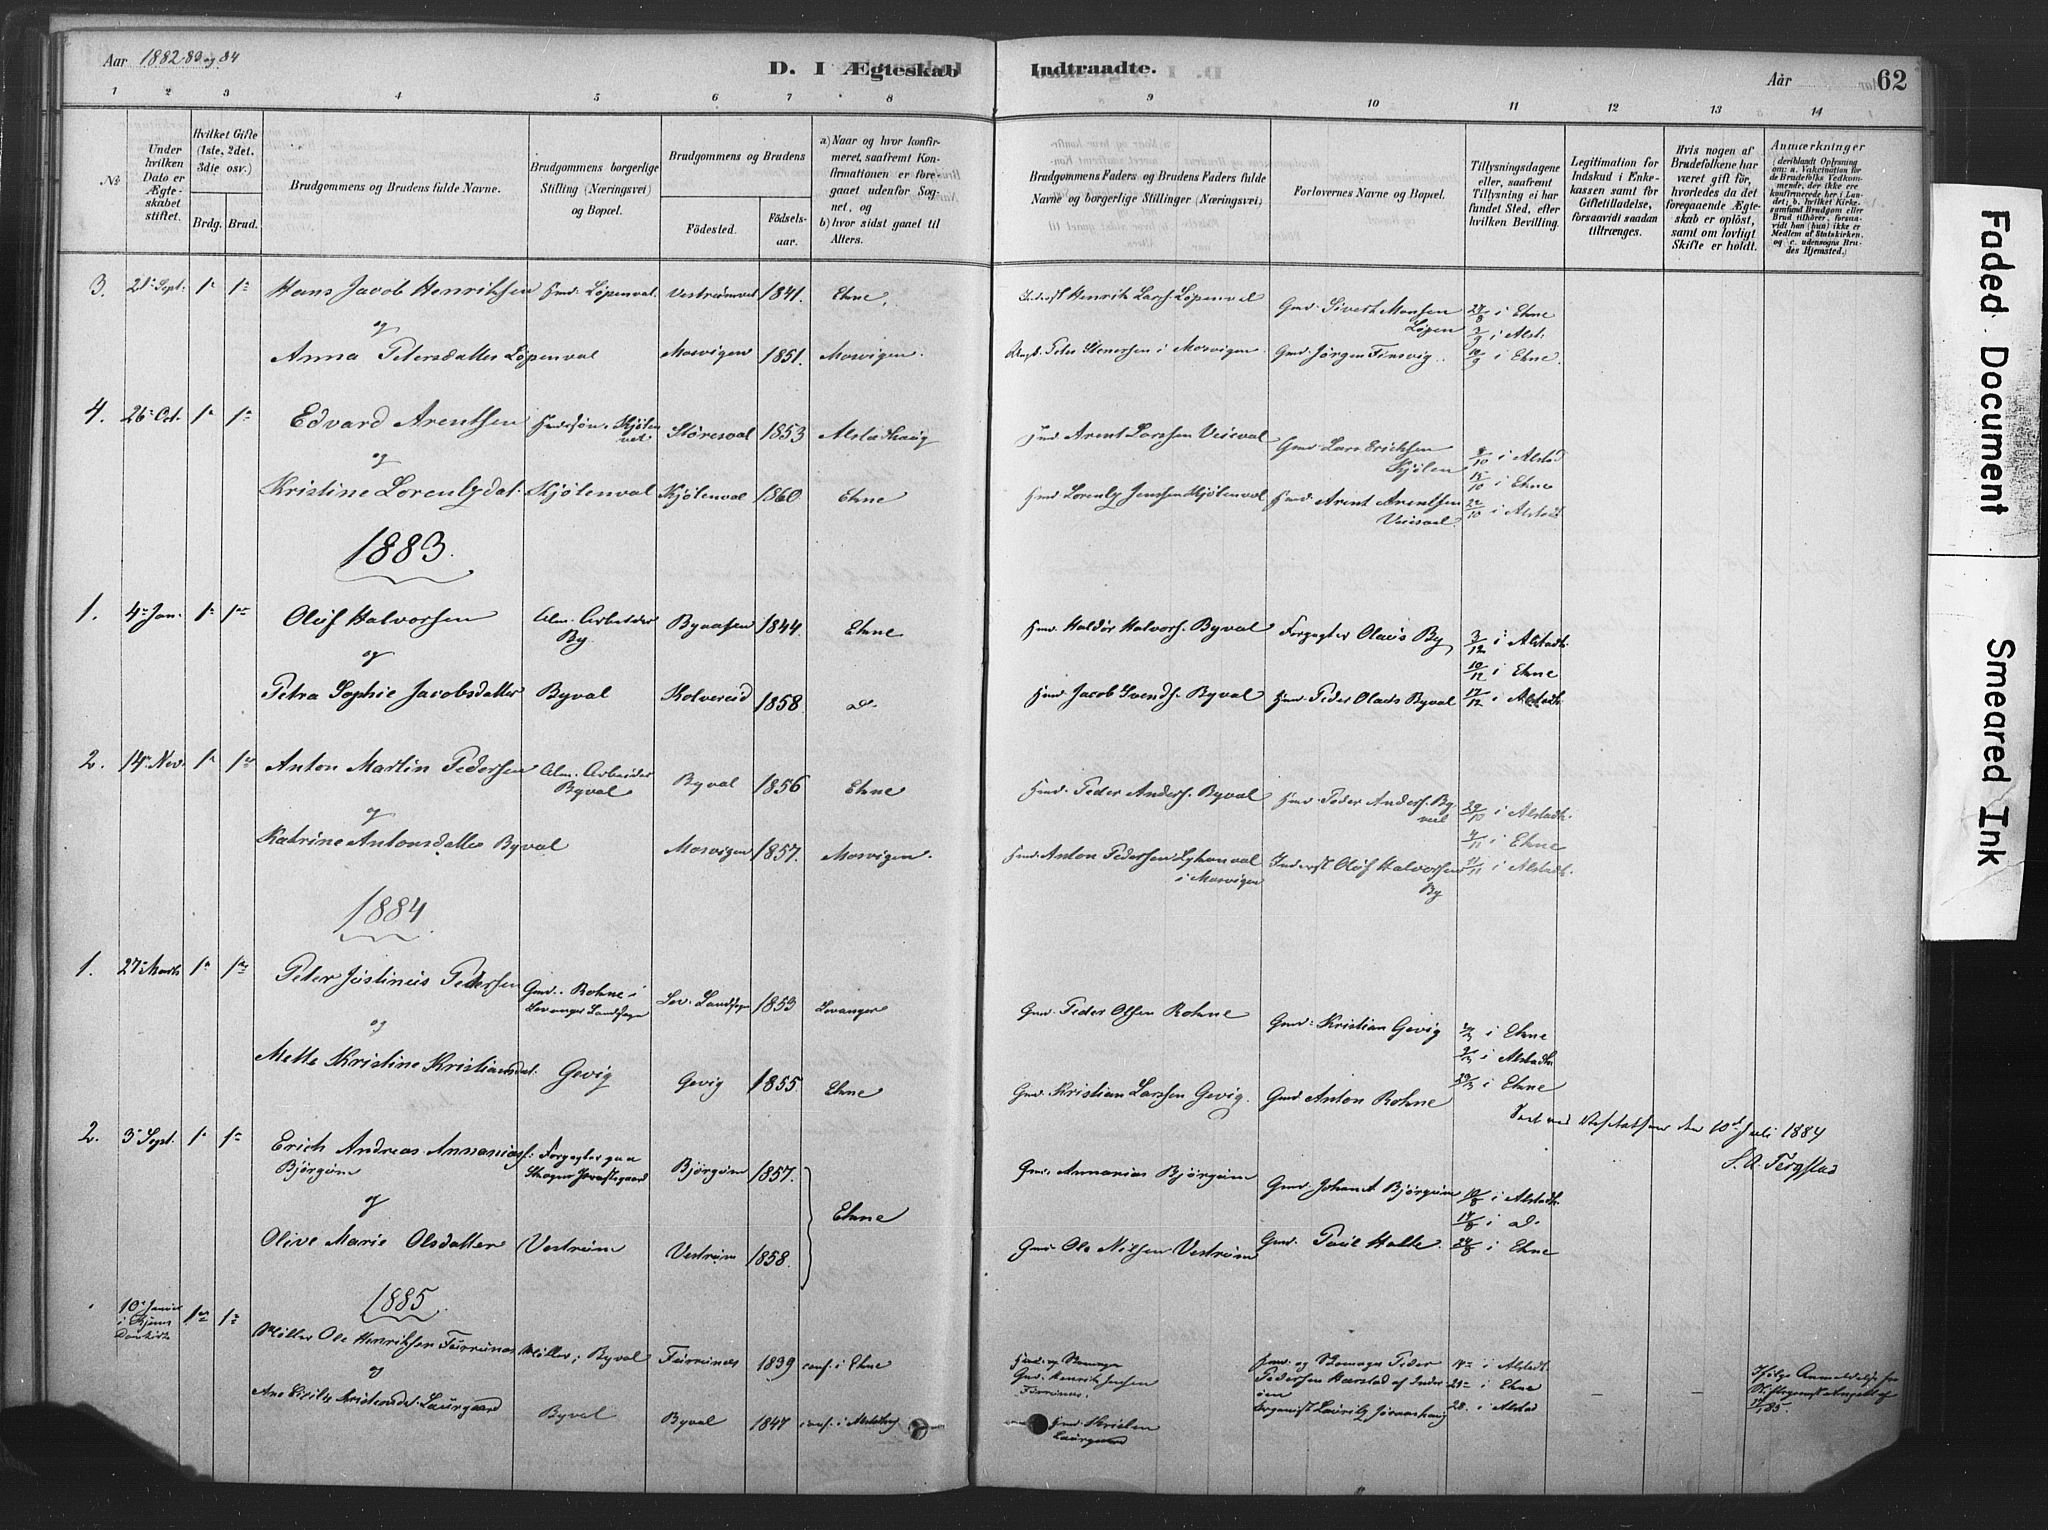 SAT, Ministerialprotokoller, klokkerbøker og fødselsregistre - Nord-Trøndelag, 719/L0178: Ministerialbok nr. 719A01, 1878-1900, s. 62